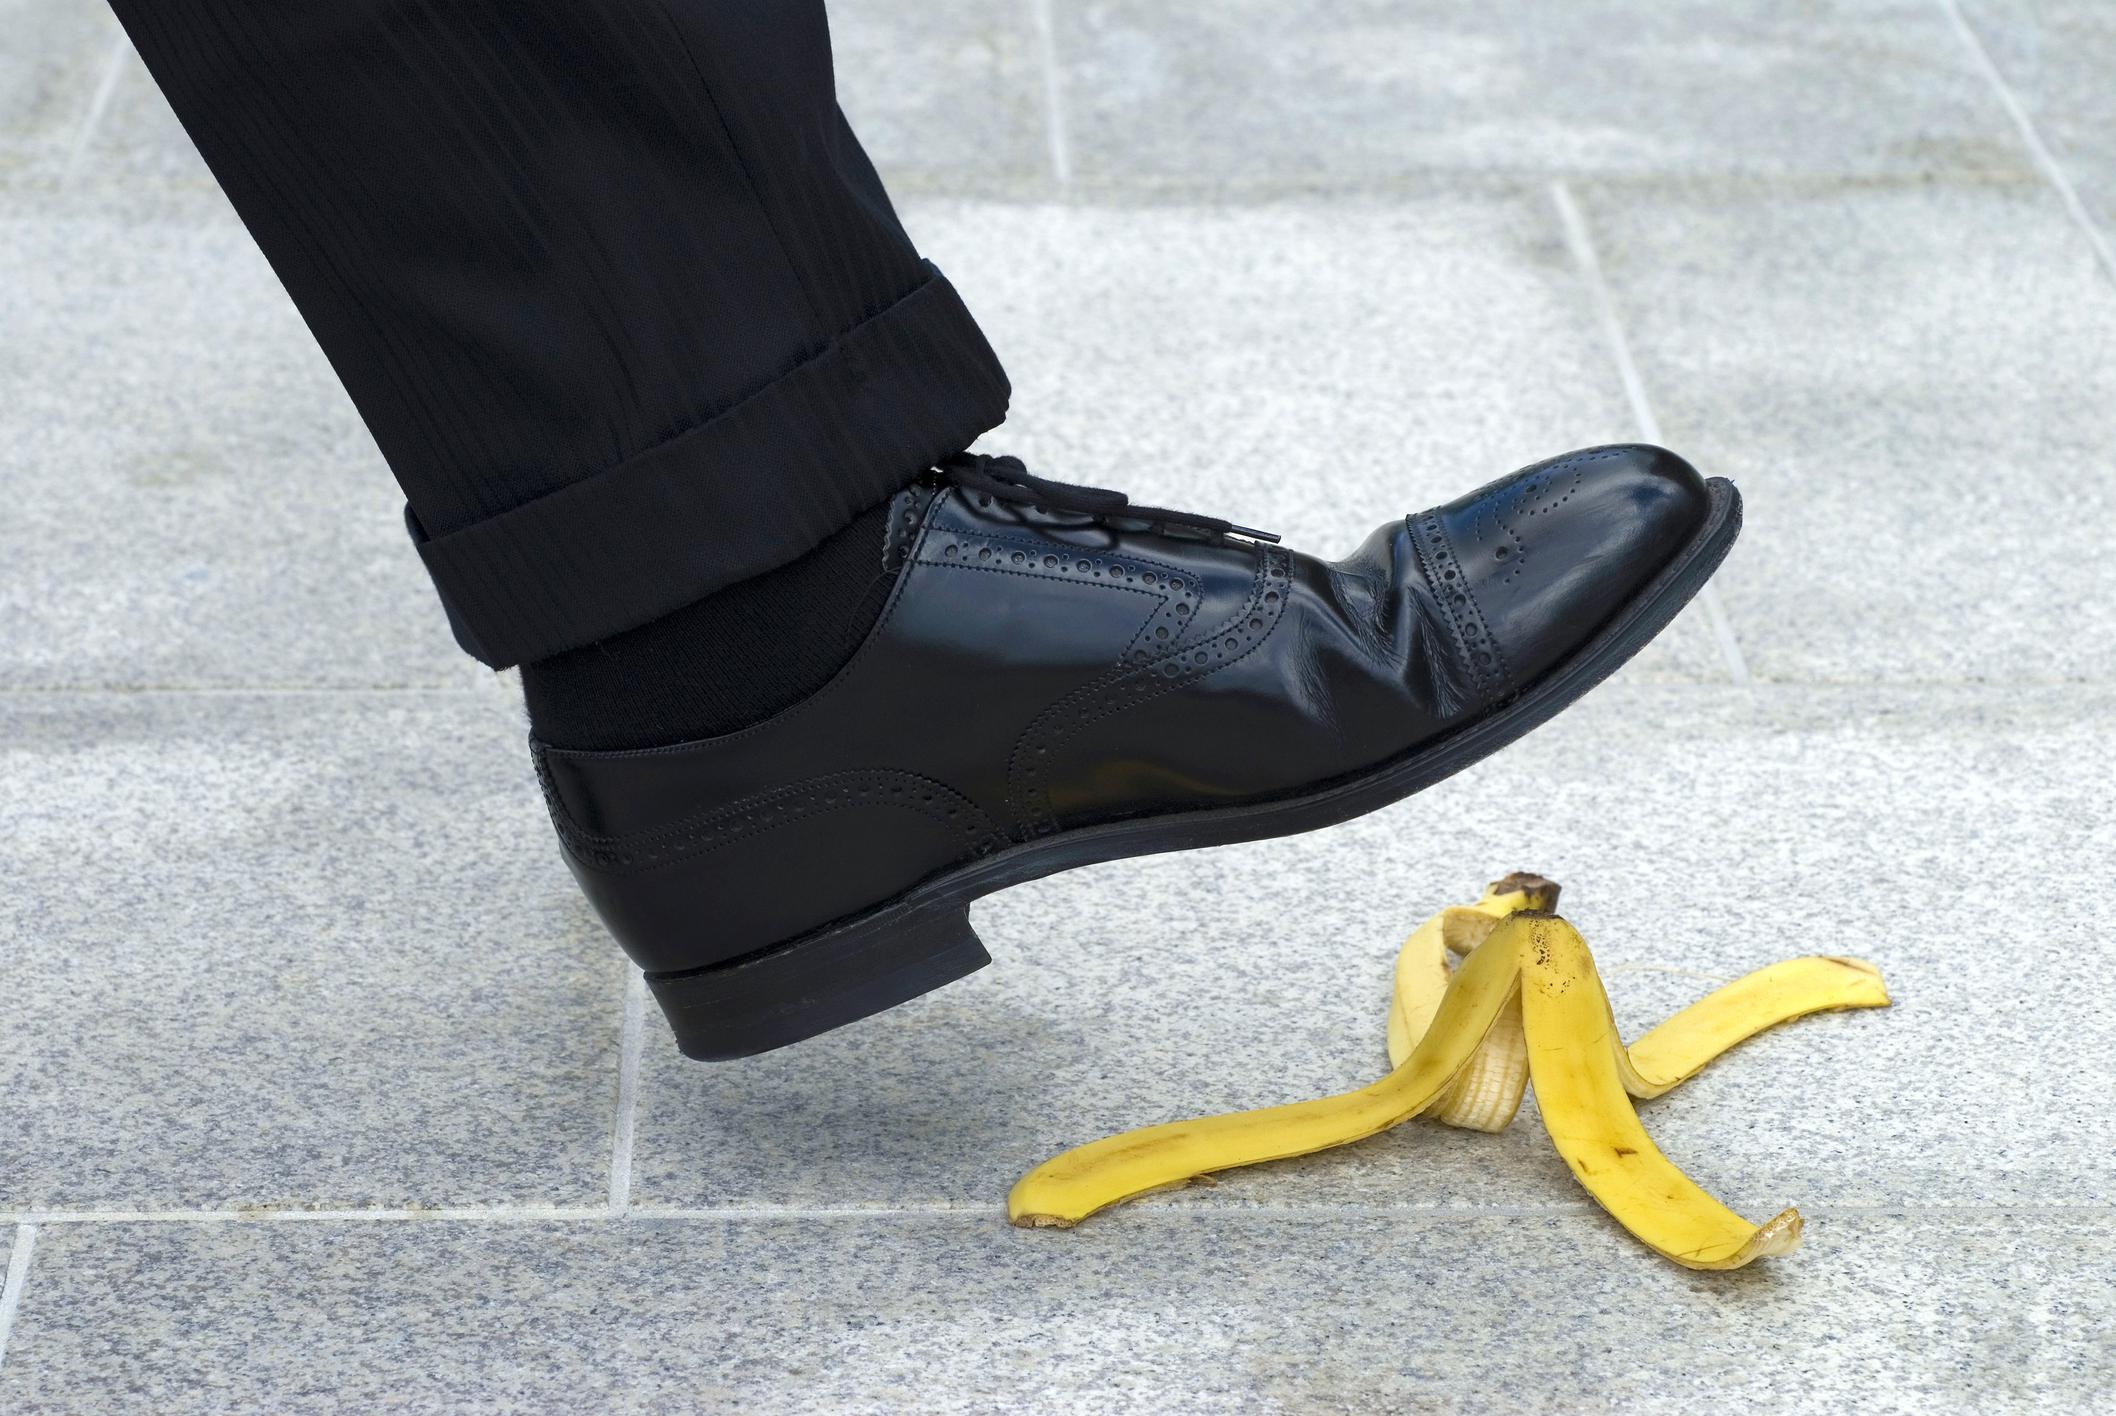 The foot of a man in a suit about to step on a banana peel.